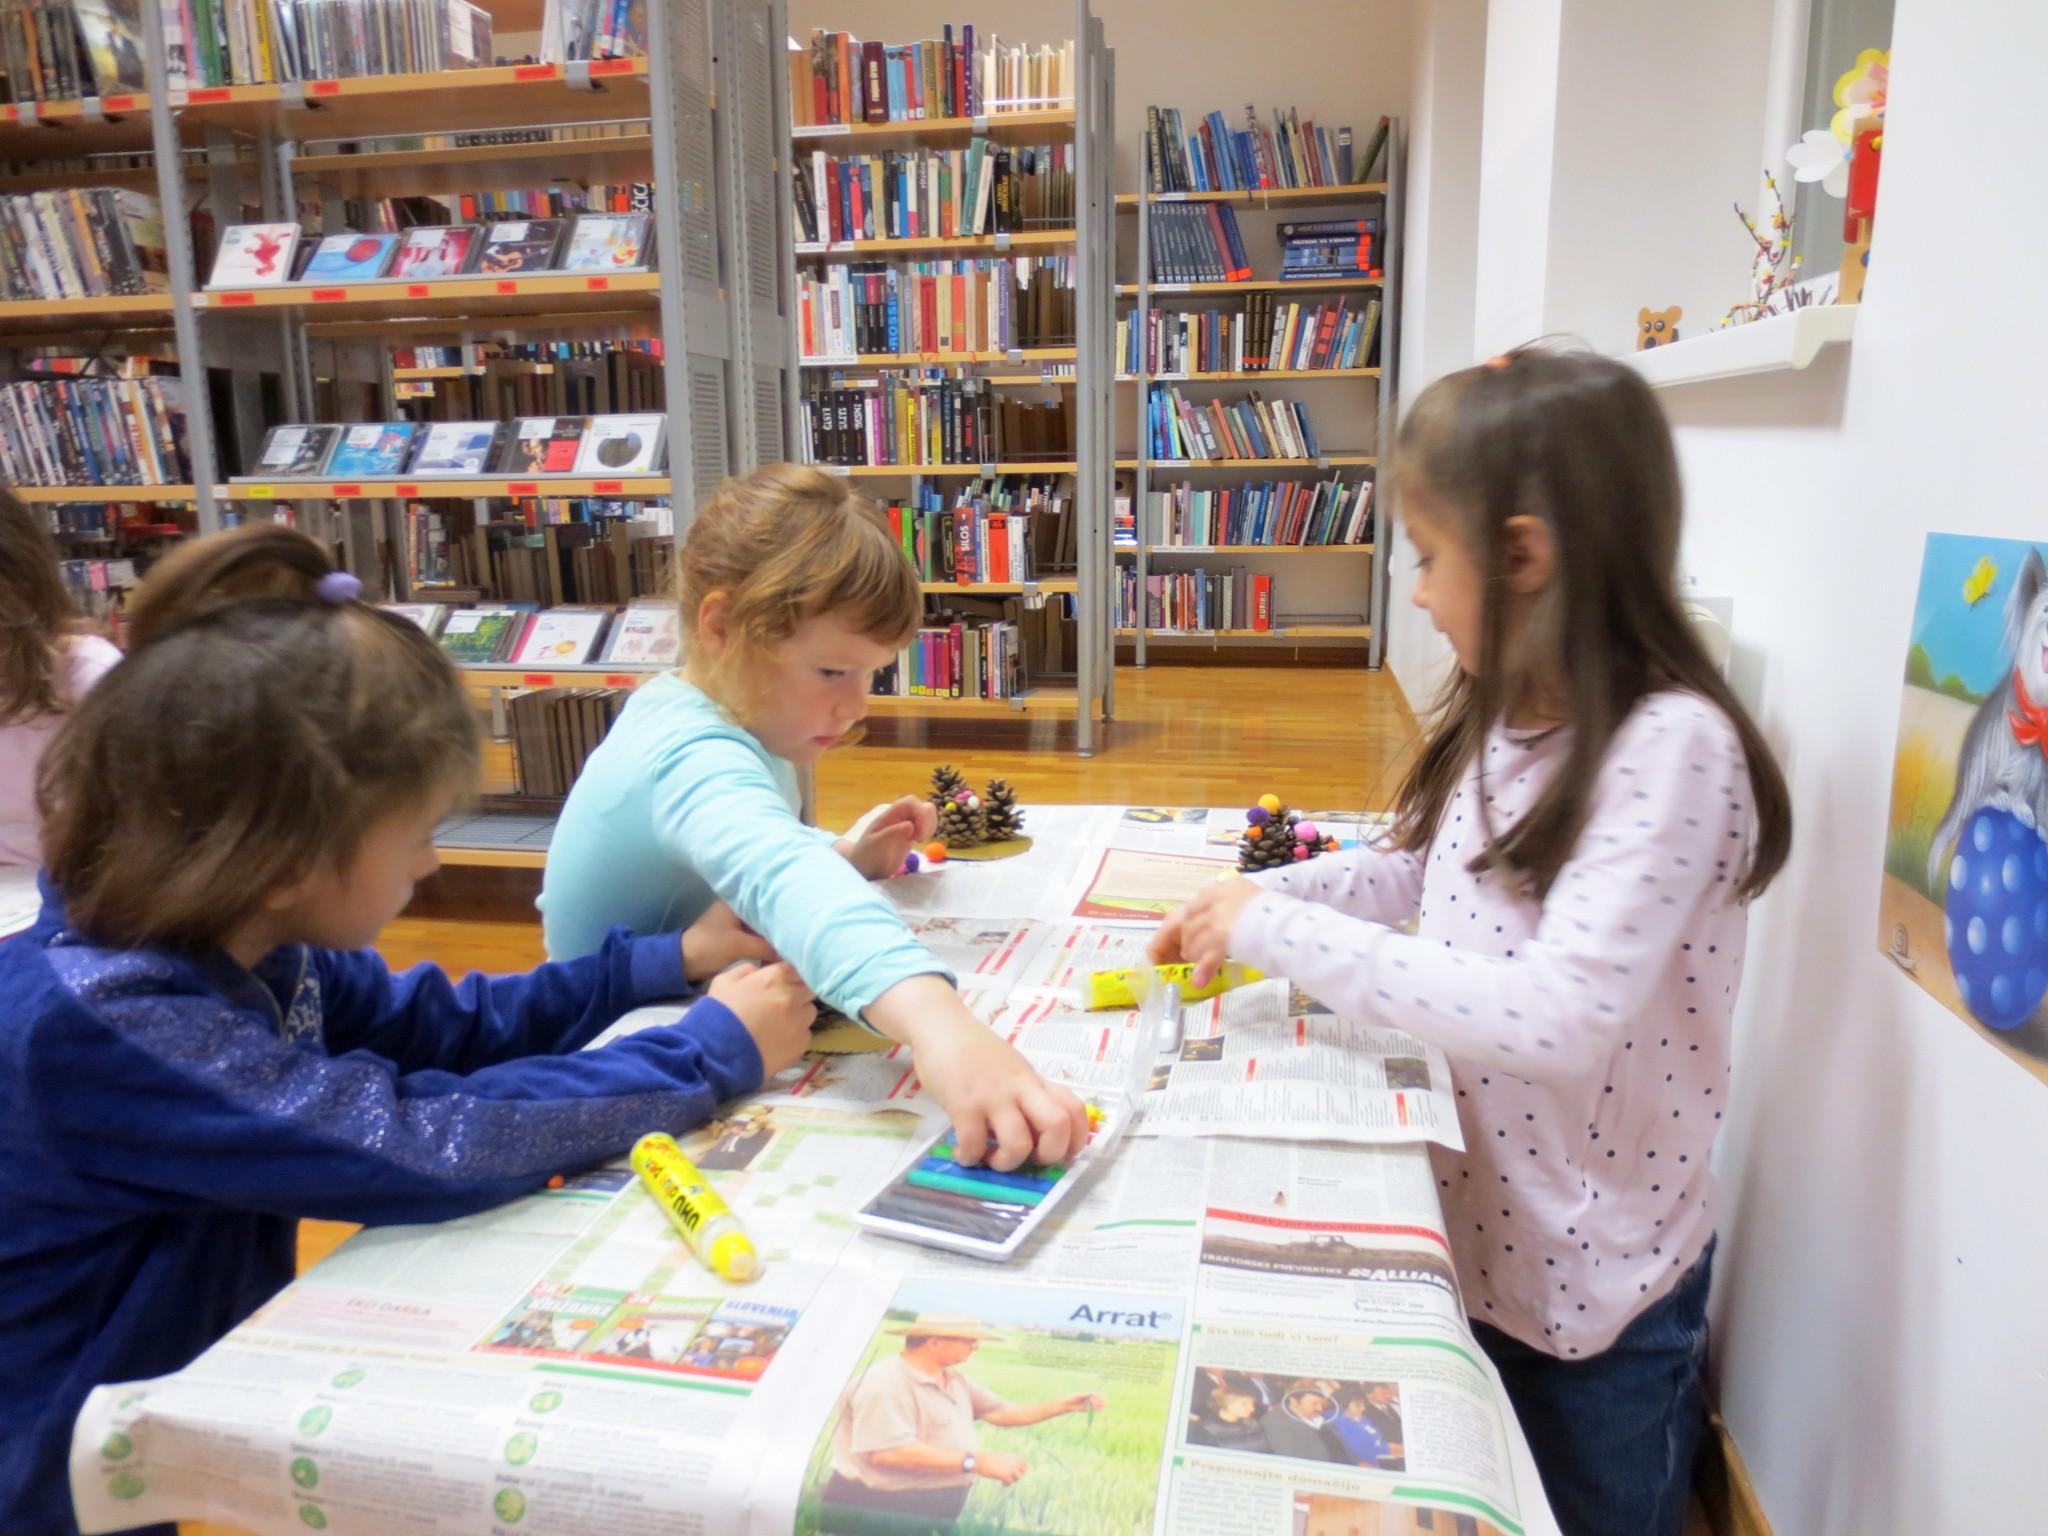 IMG 3205 - Pravljična ura in ustvarjalna delavnica za otroke od 4. leta dalje